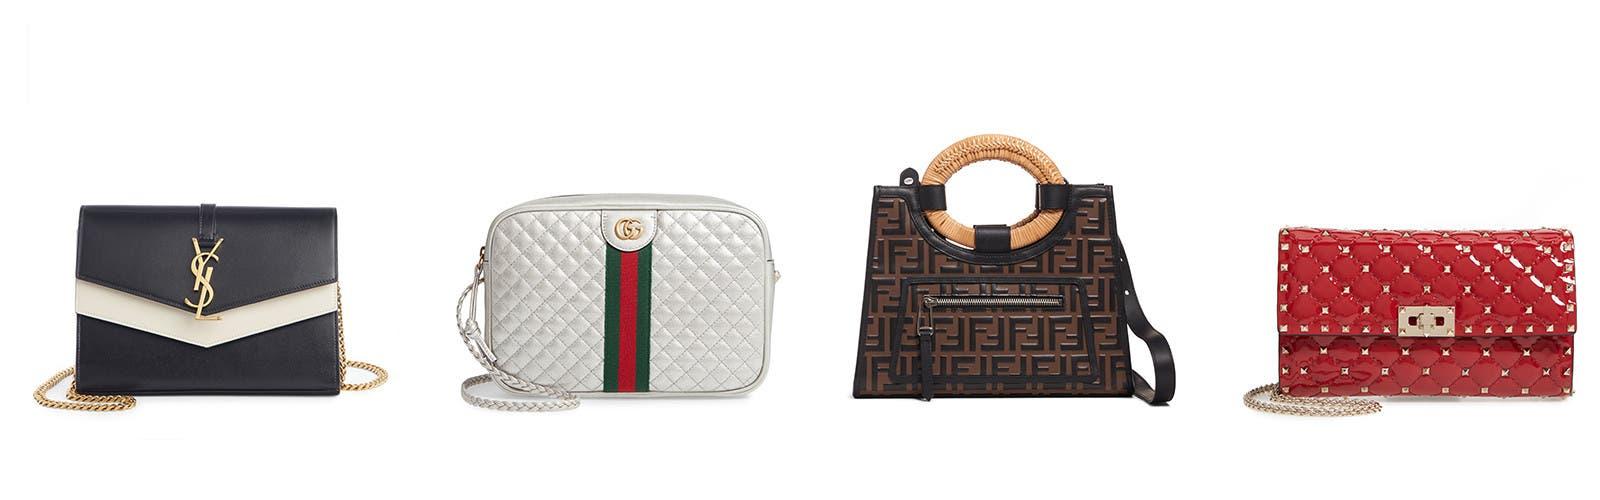 38cfe337672 Women s Designer Handbags   Wallets   Nordstrom